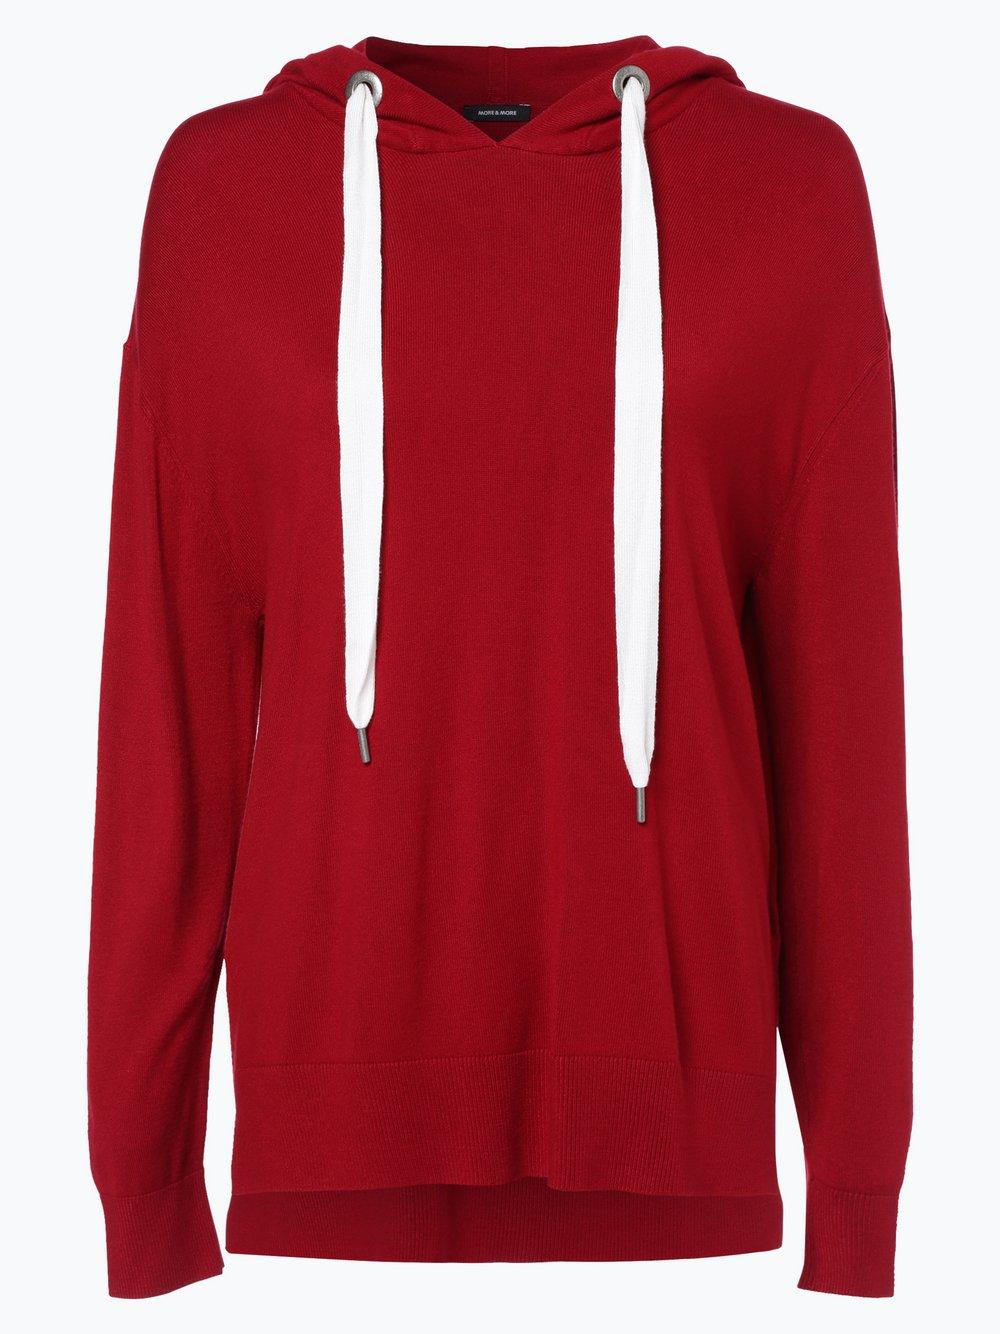 5310b1d38e9cc8 More & More Damen Pullover online kaufen   VANGRAAF.COM